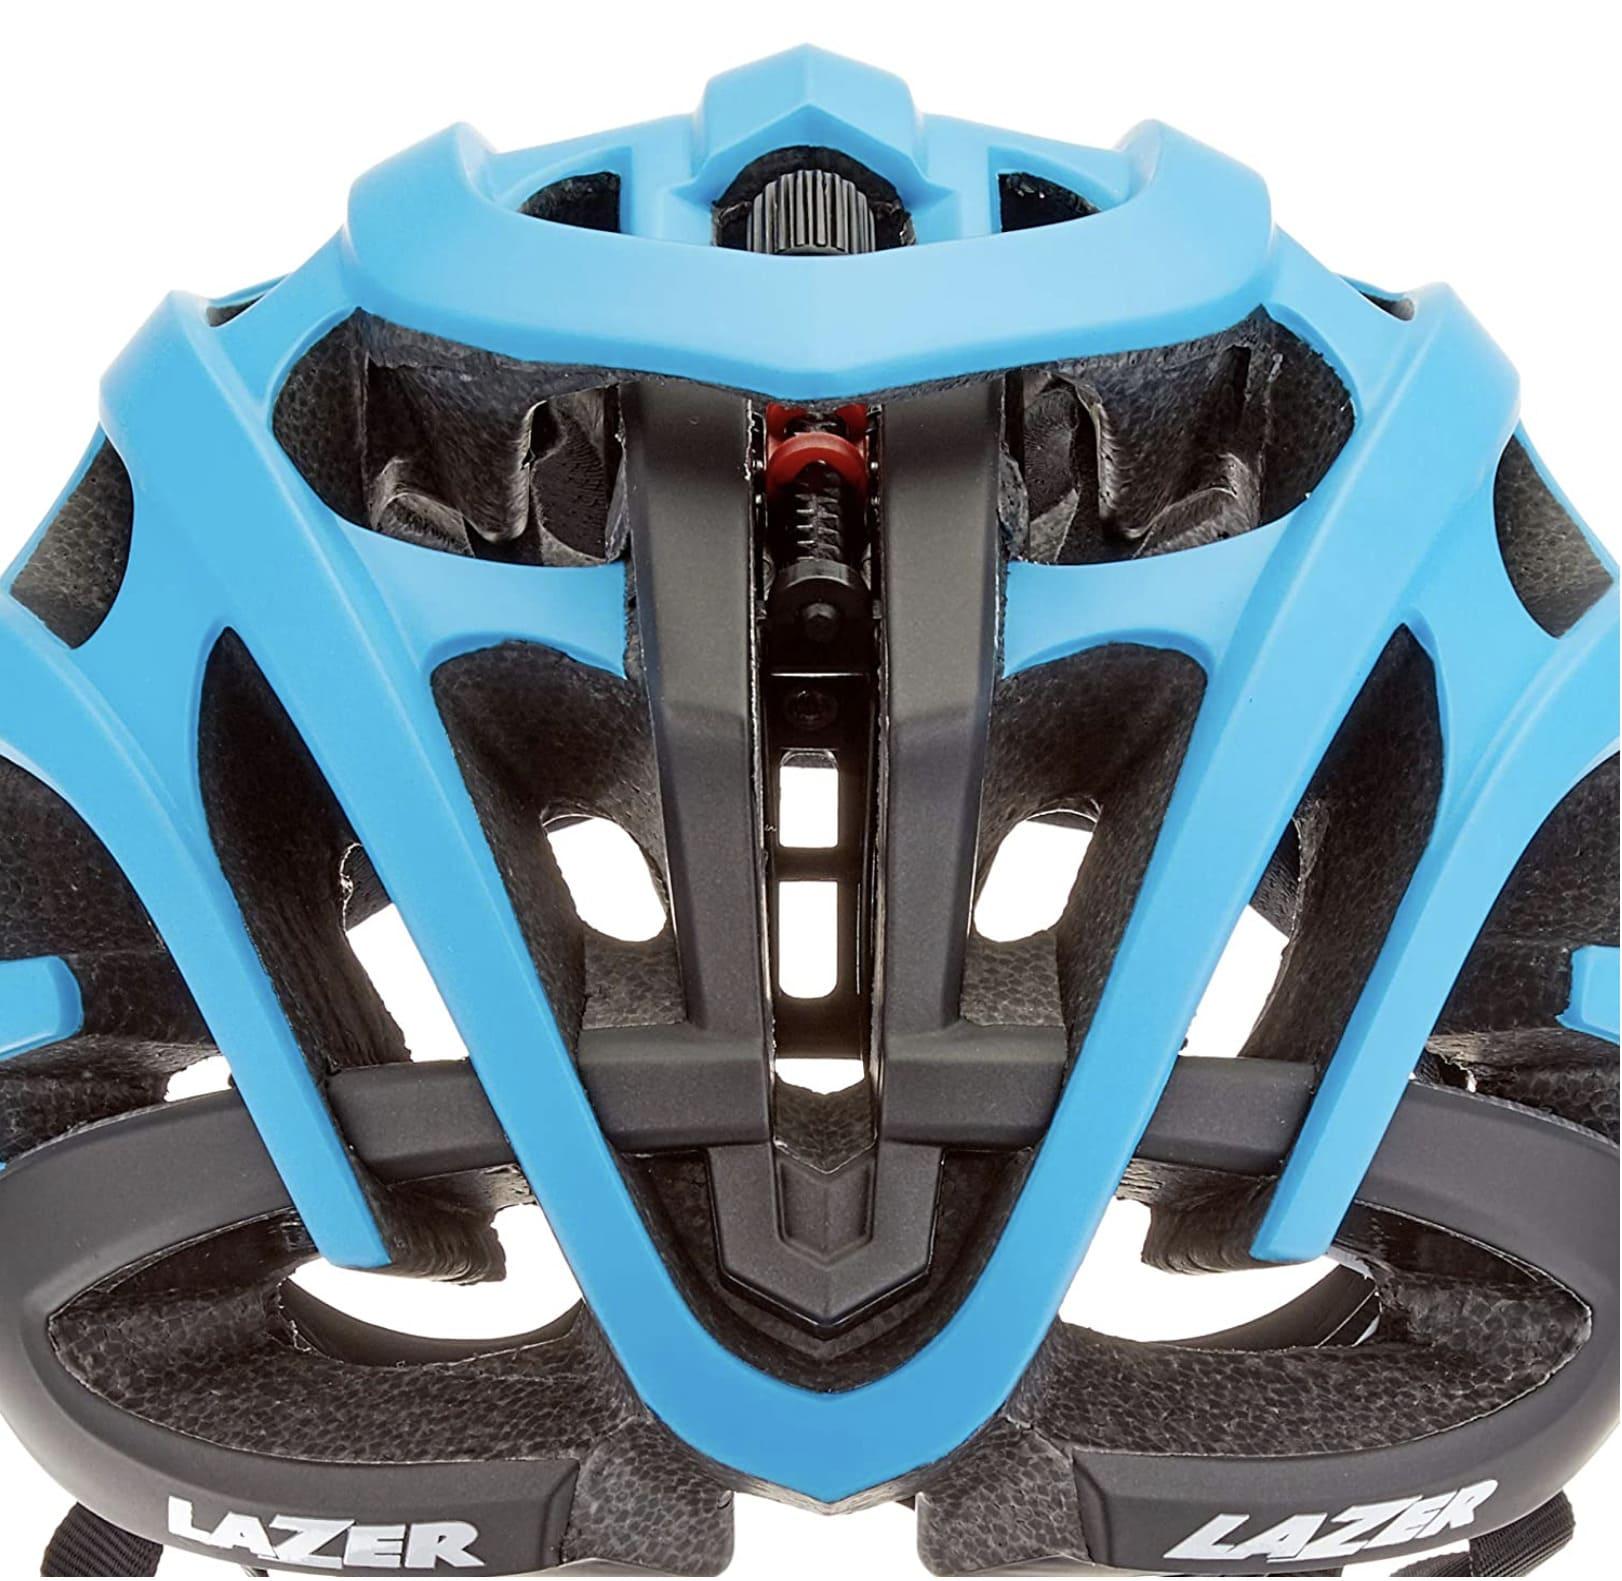 Sistema de autoajuste interno del casco para niños Lazer Pnut